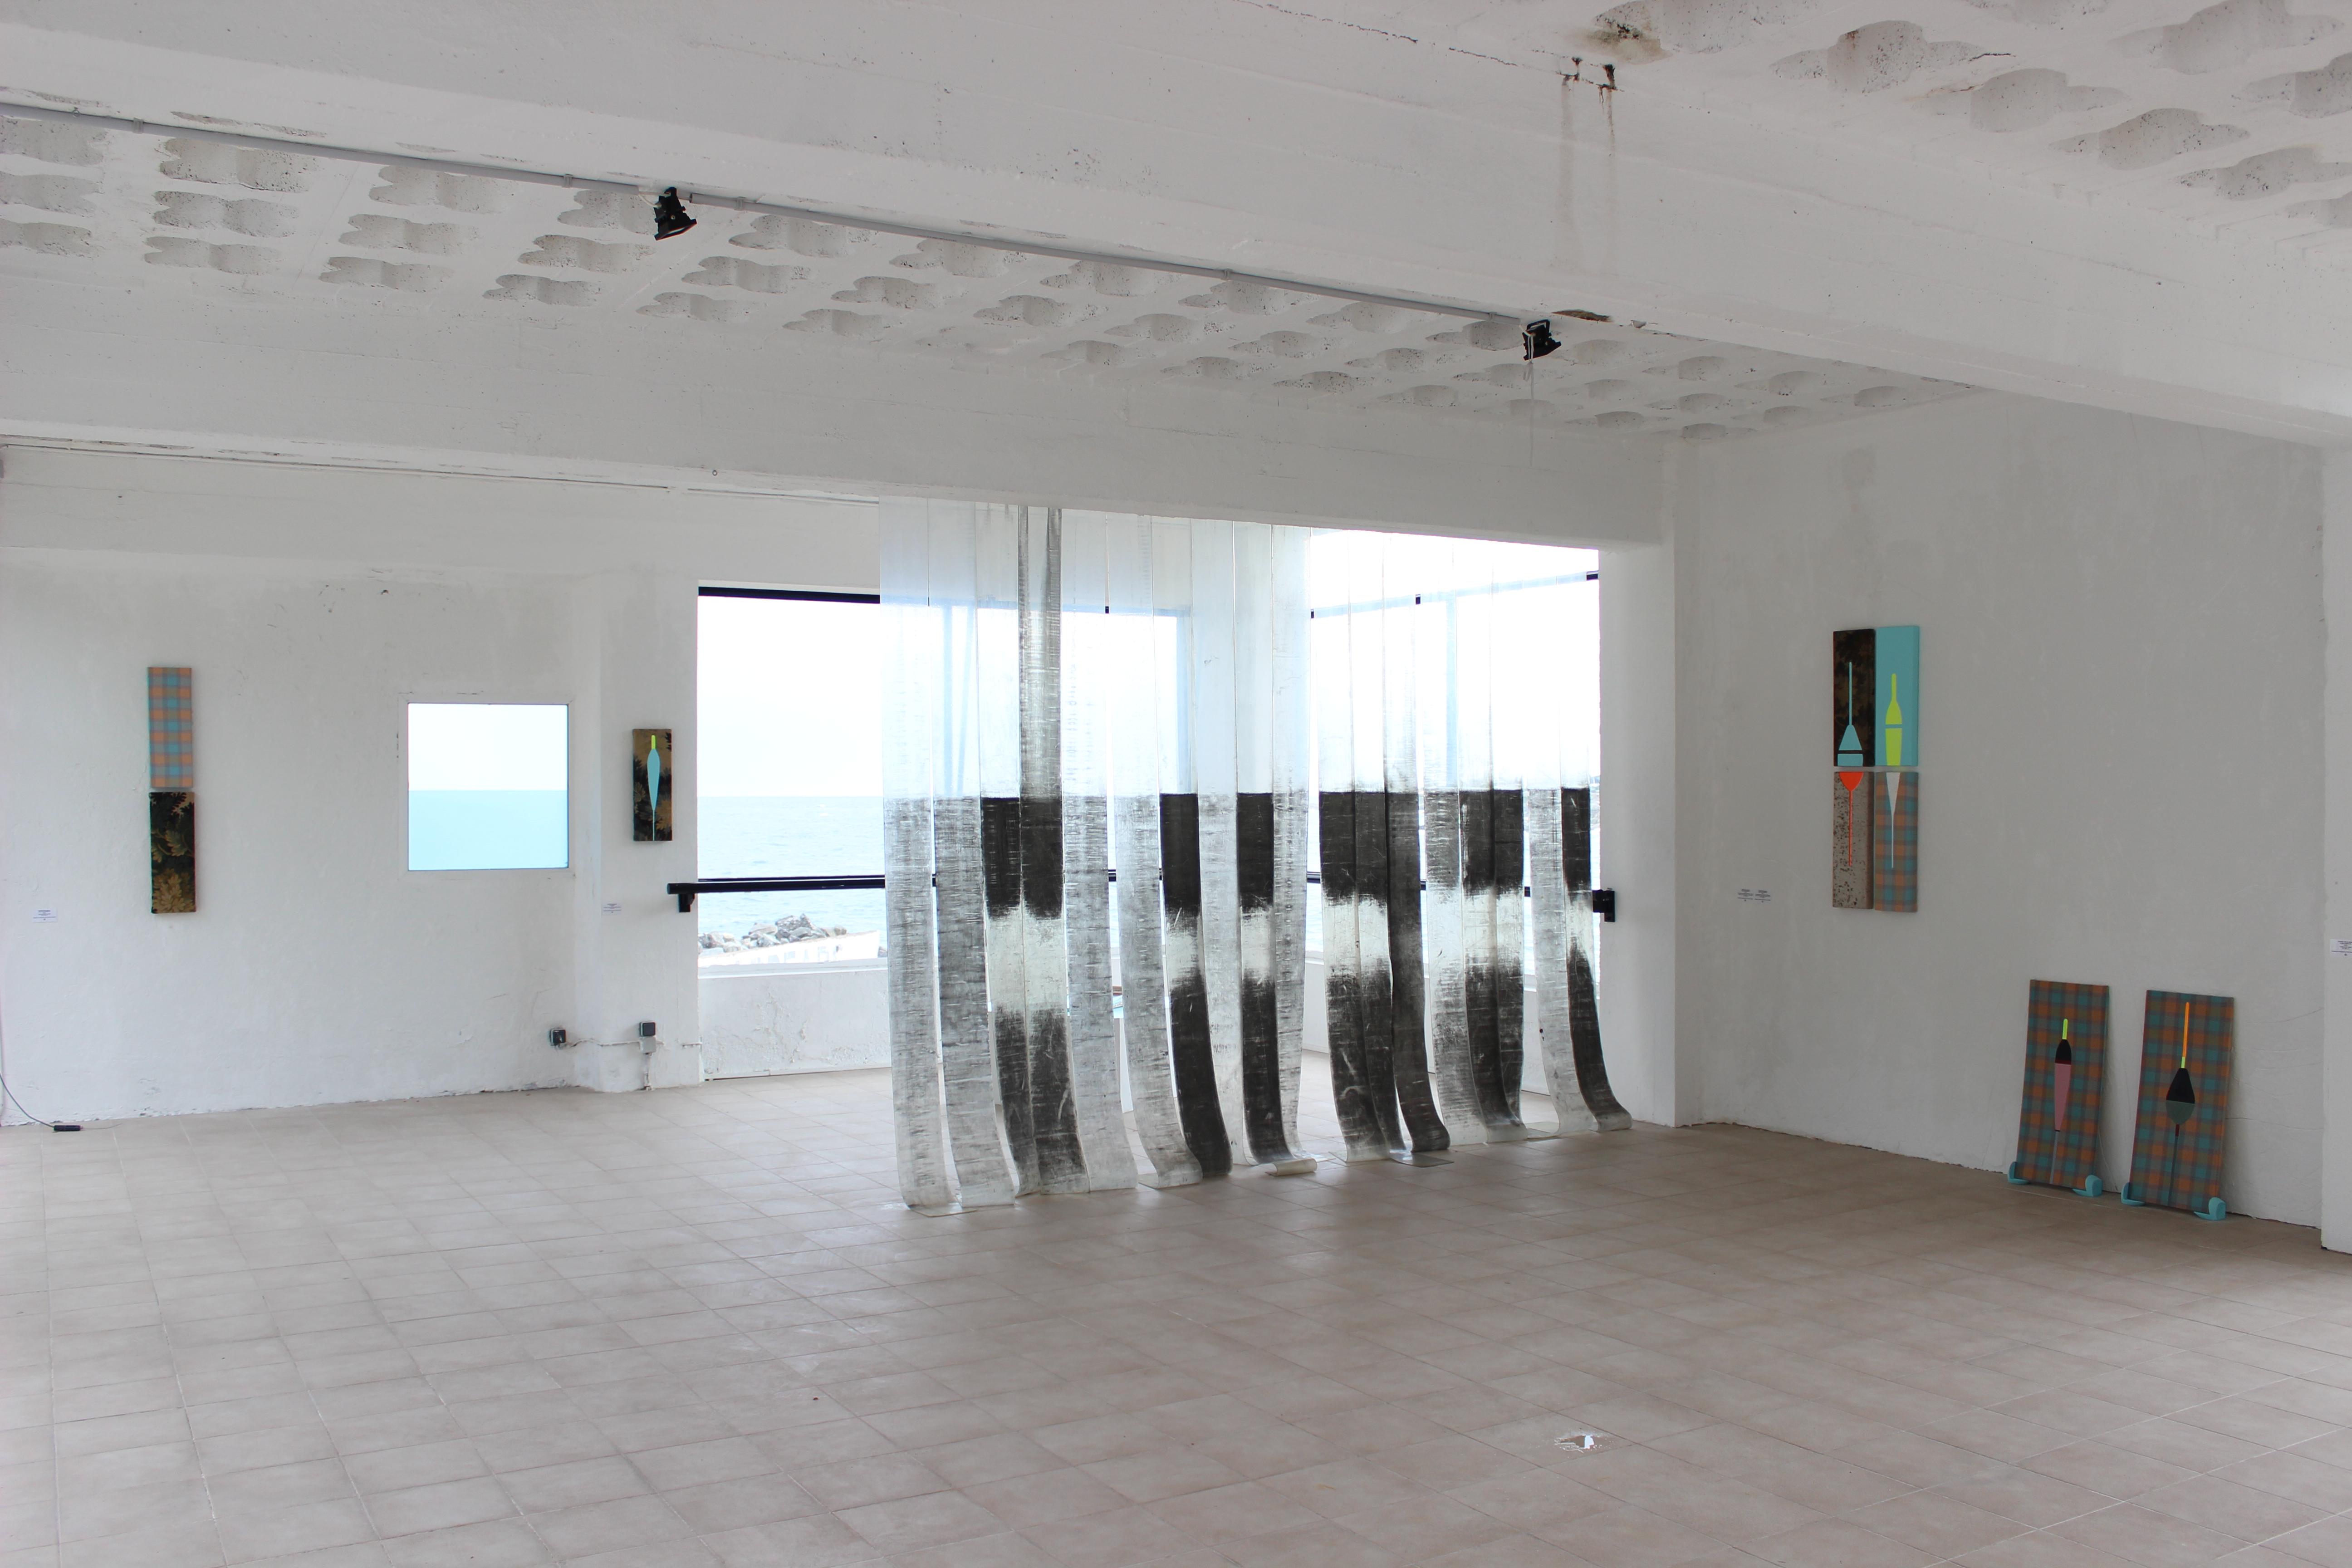 Davide D'Elia 's works